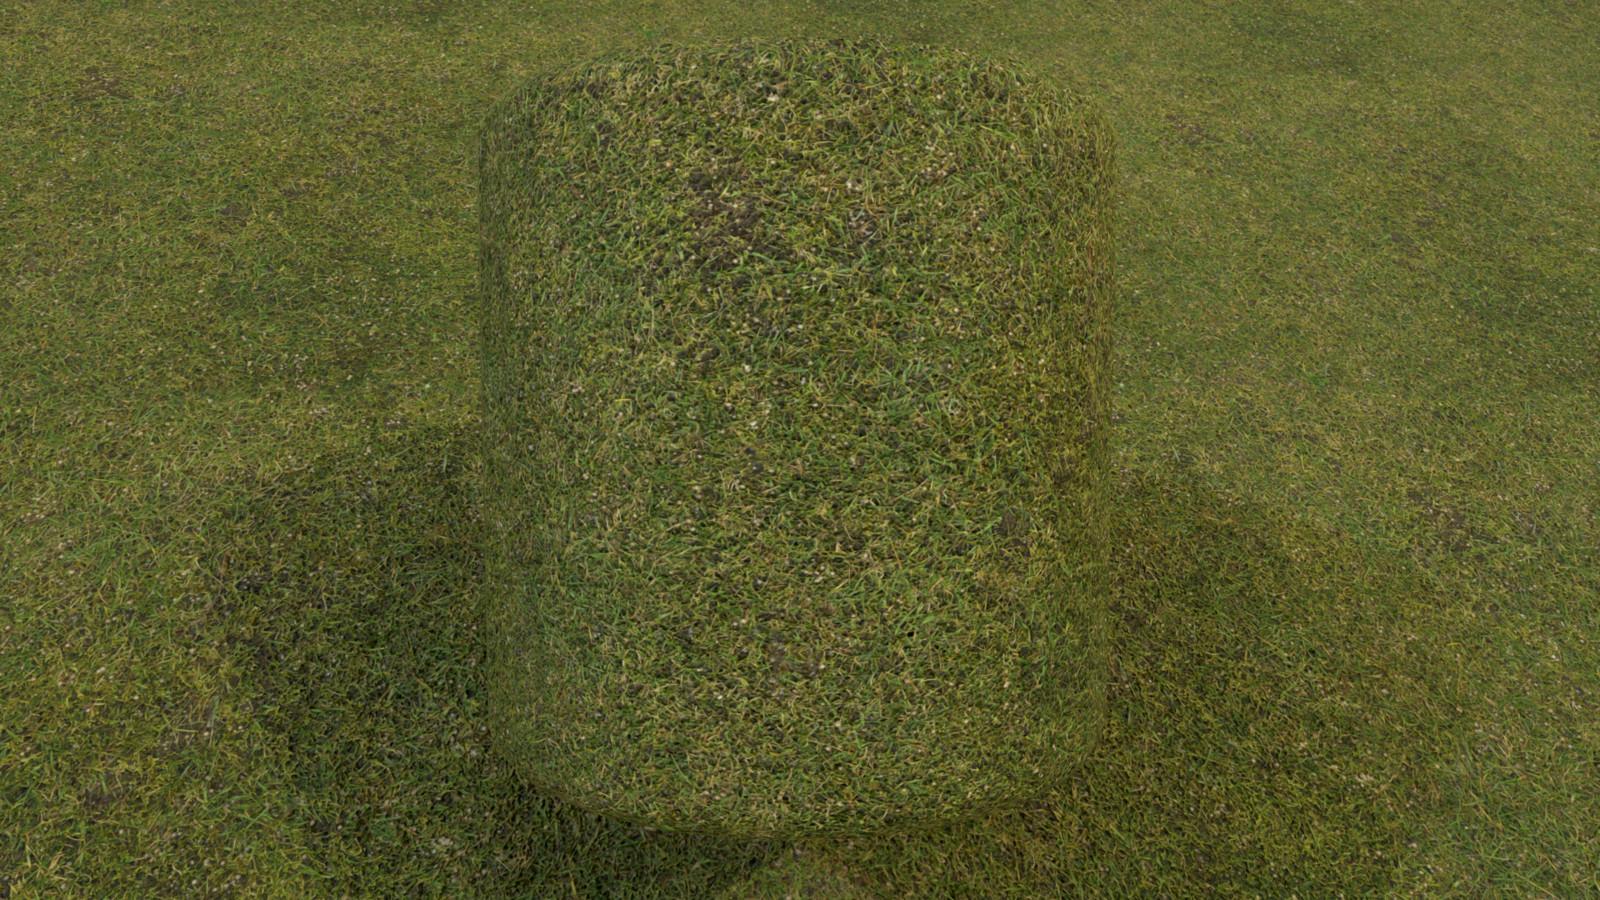 Short Grass Scan